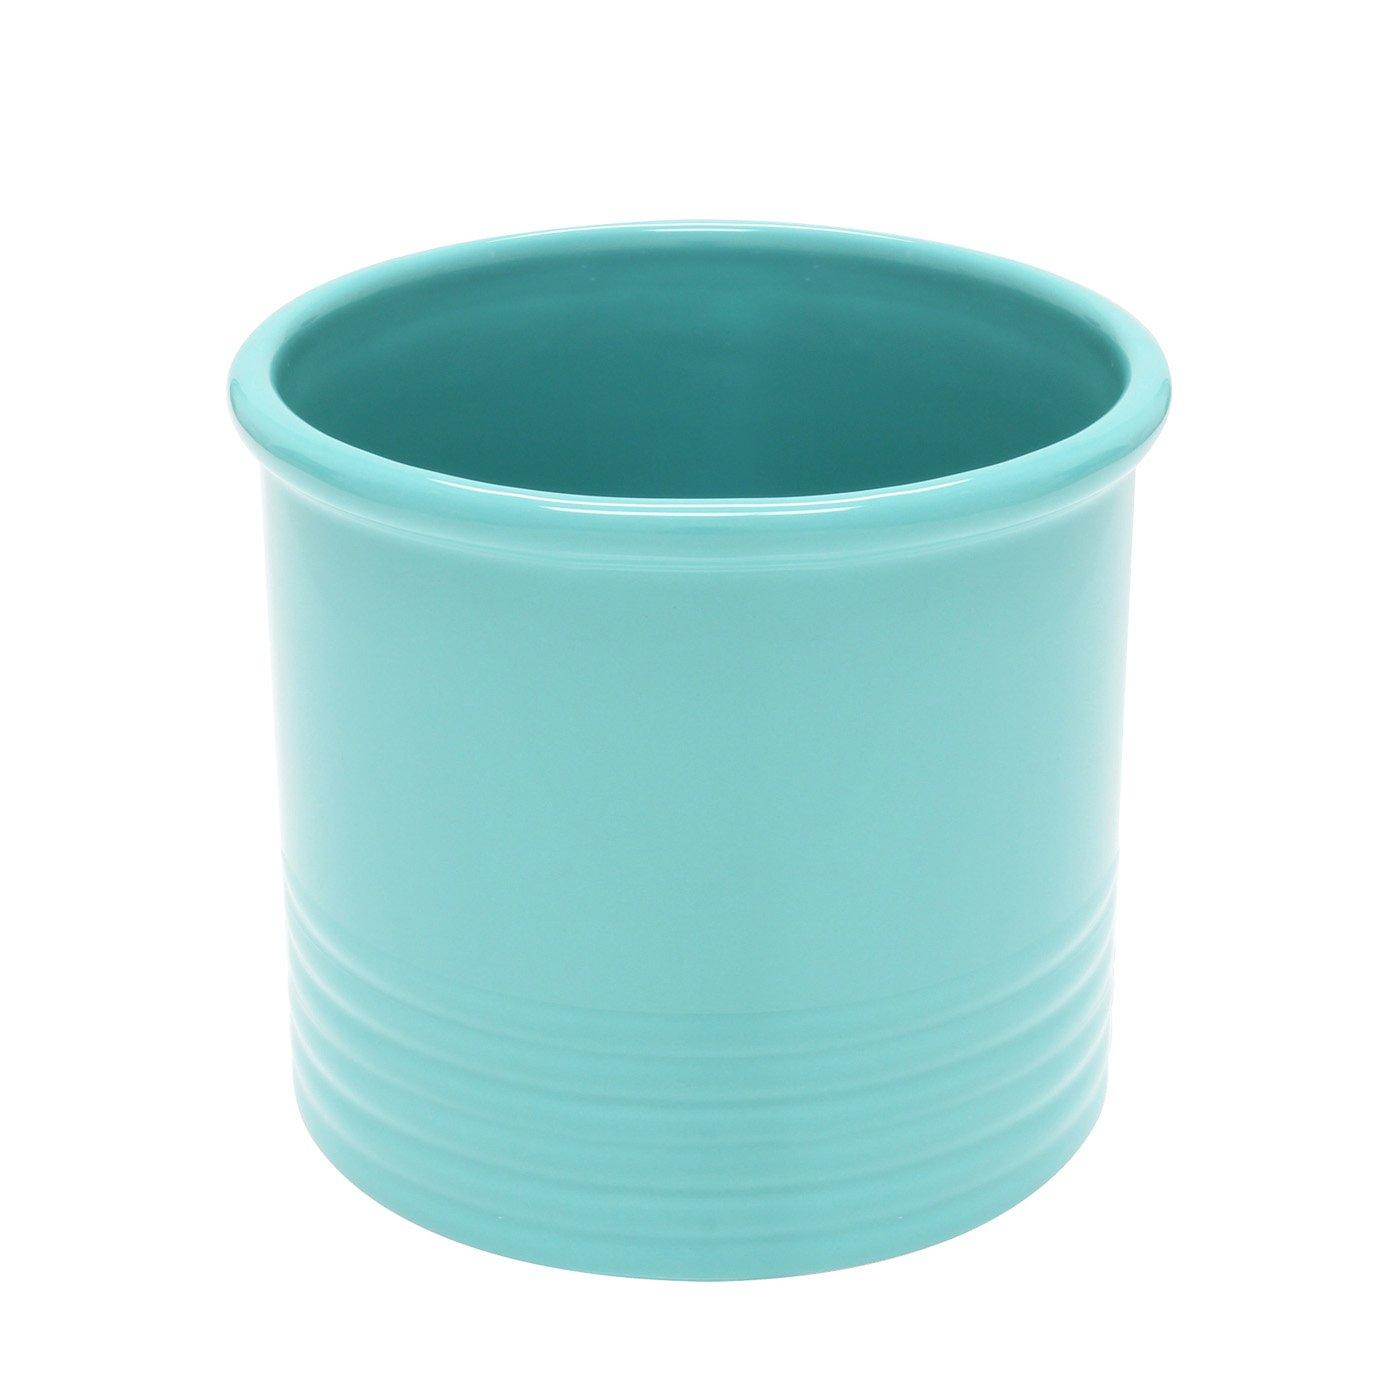 Large Utensil Crock - Aqua